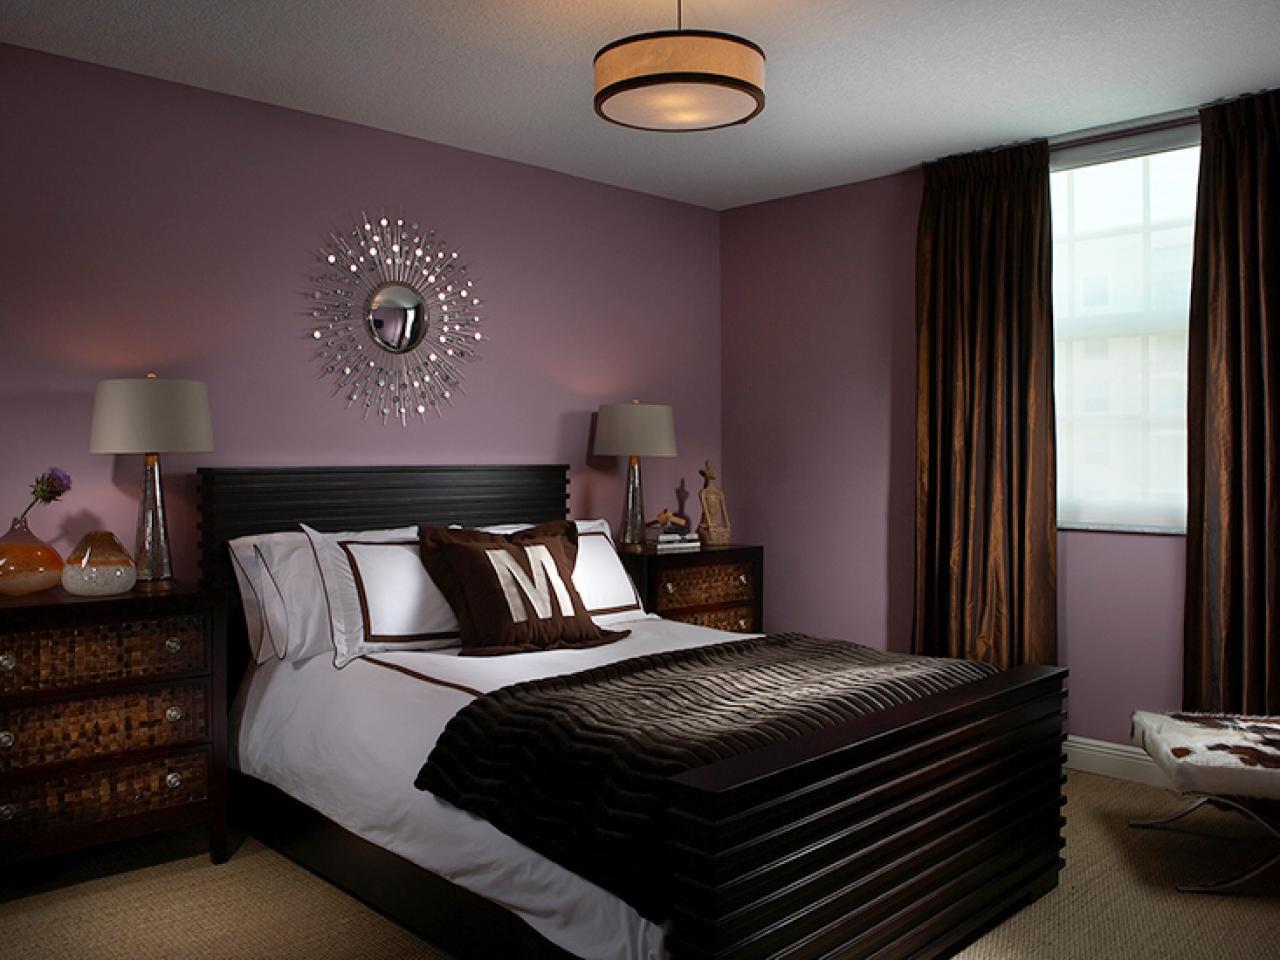 dp_pubillones-lilla-brun-overgangsperiode-bedroom_s4x3-jpg-rend-hgtvcom-1280-960